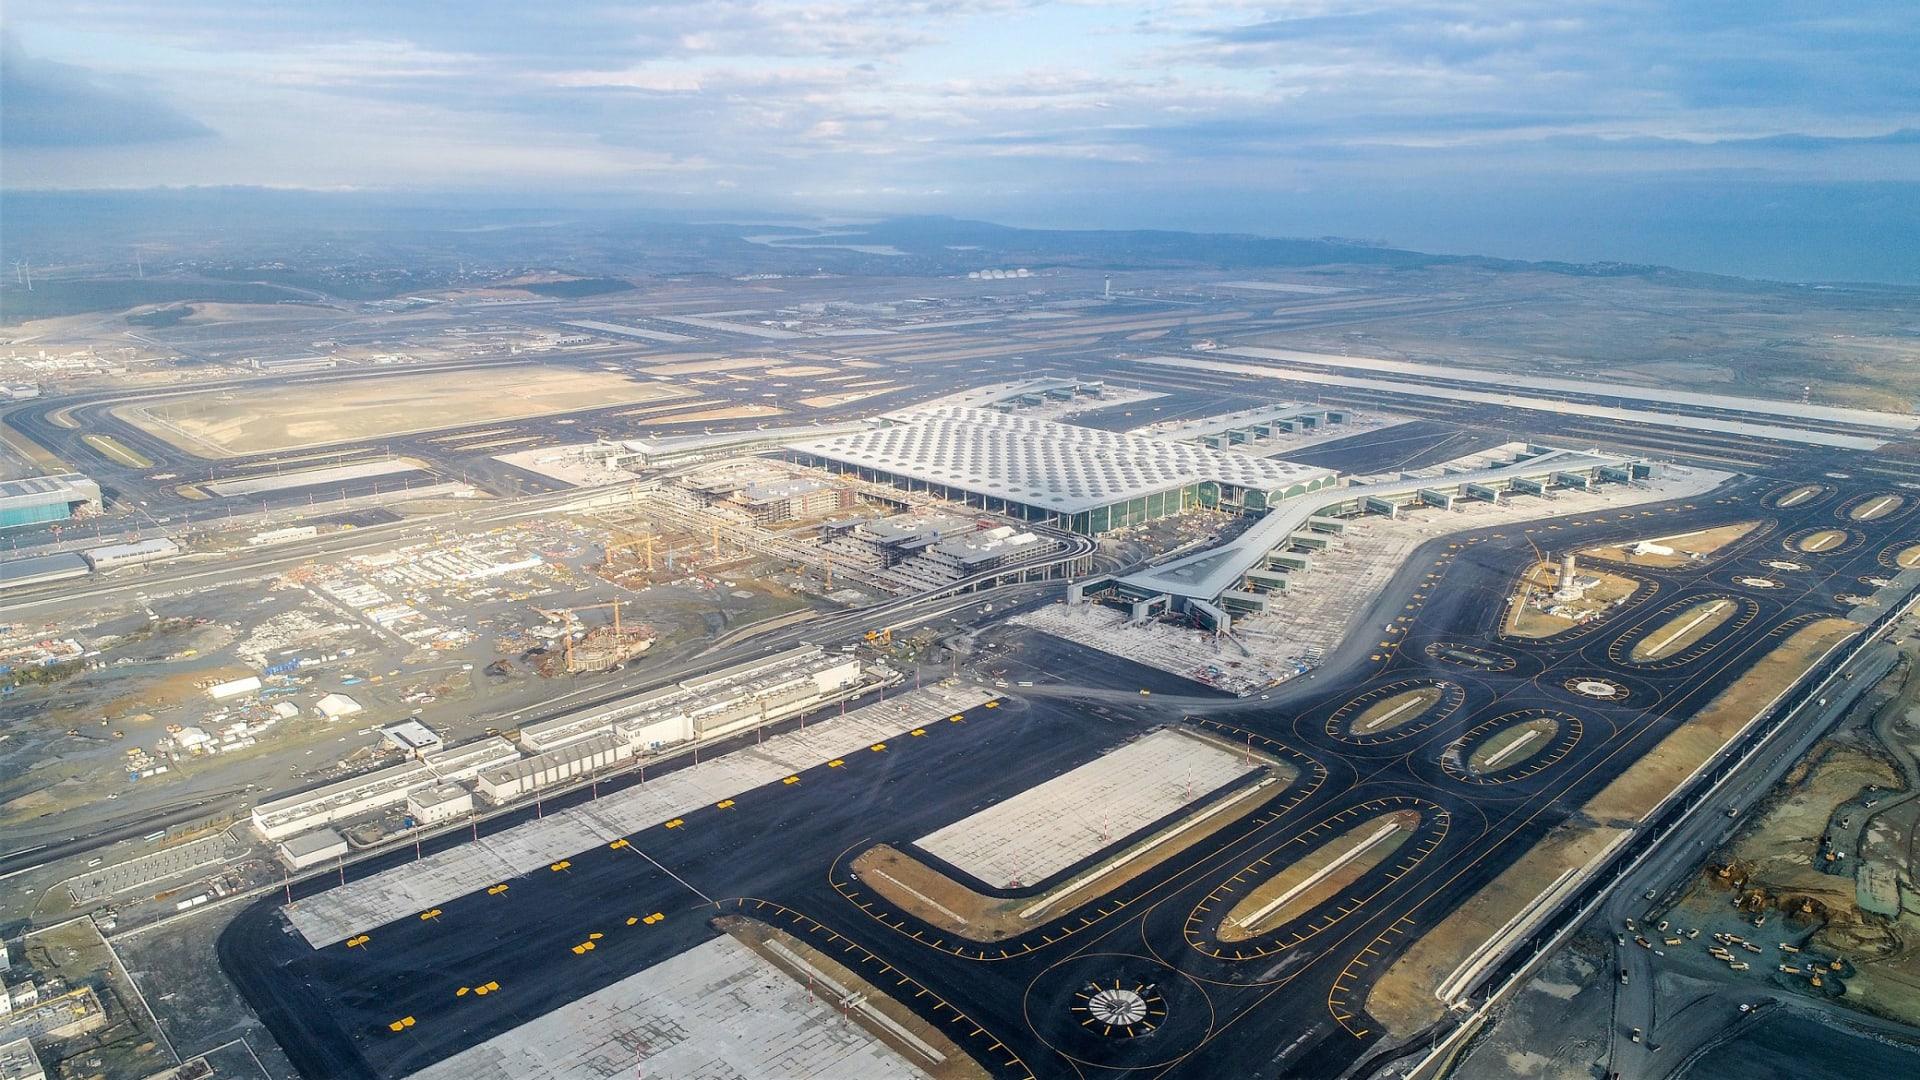 يهدف المطار لاستقبال 200 ألف مسافر أو أكثر كل يوم.